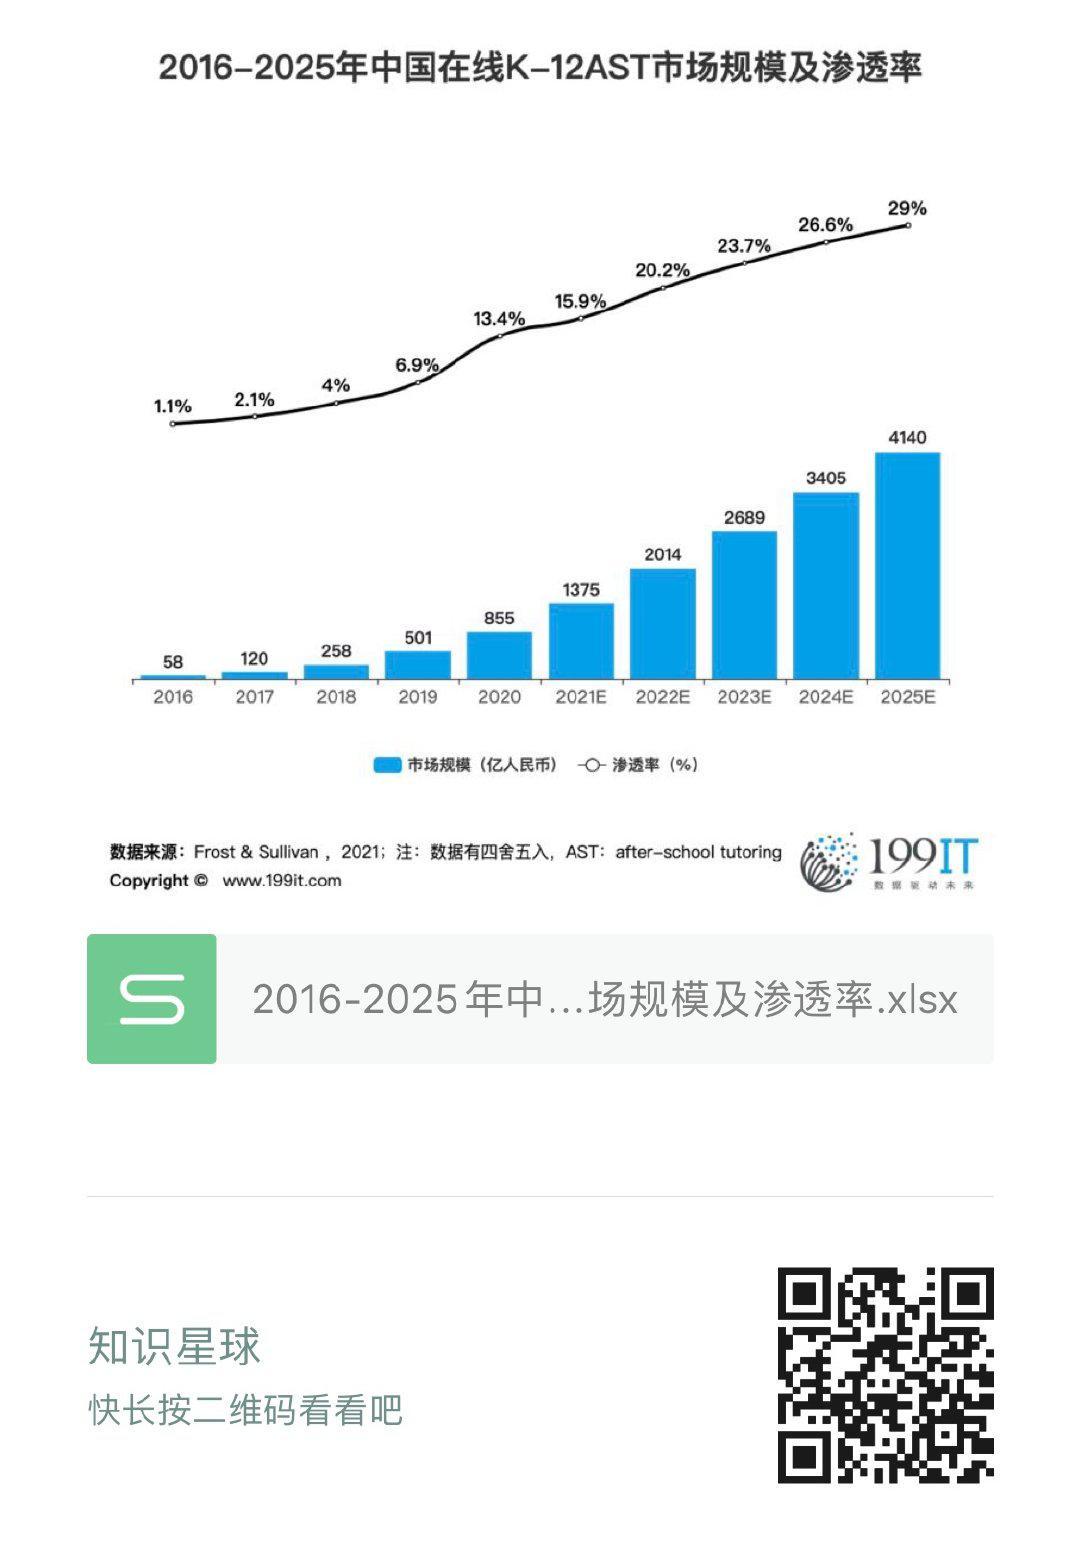 2016-2025年中國線上K-12AST市場規模及滲透率(附原資料表) 